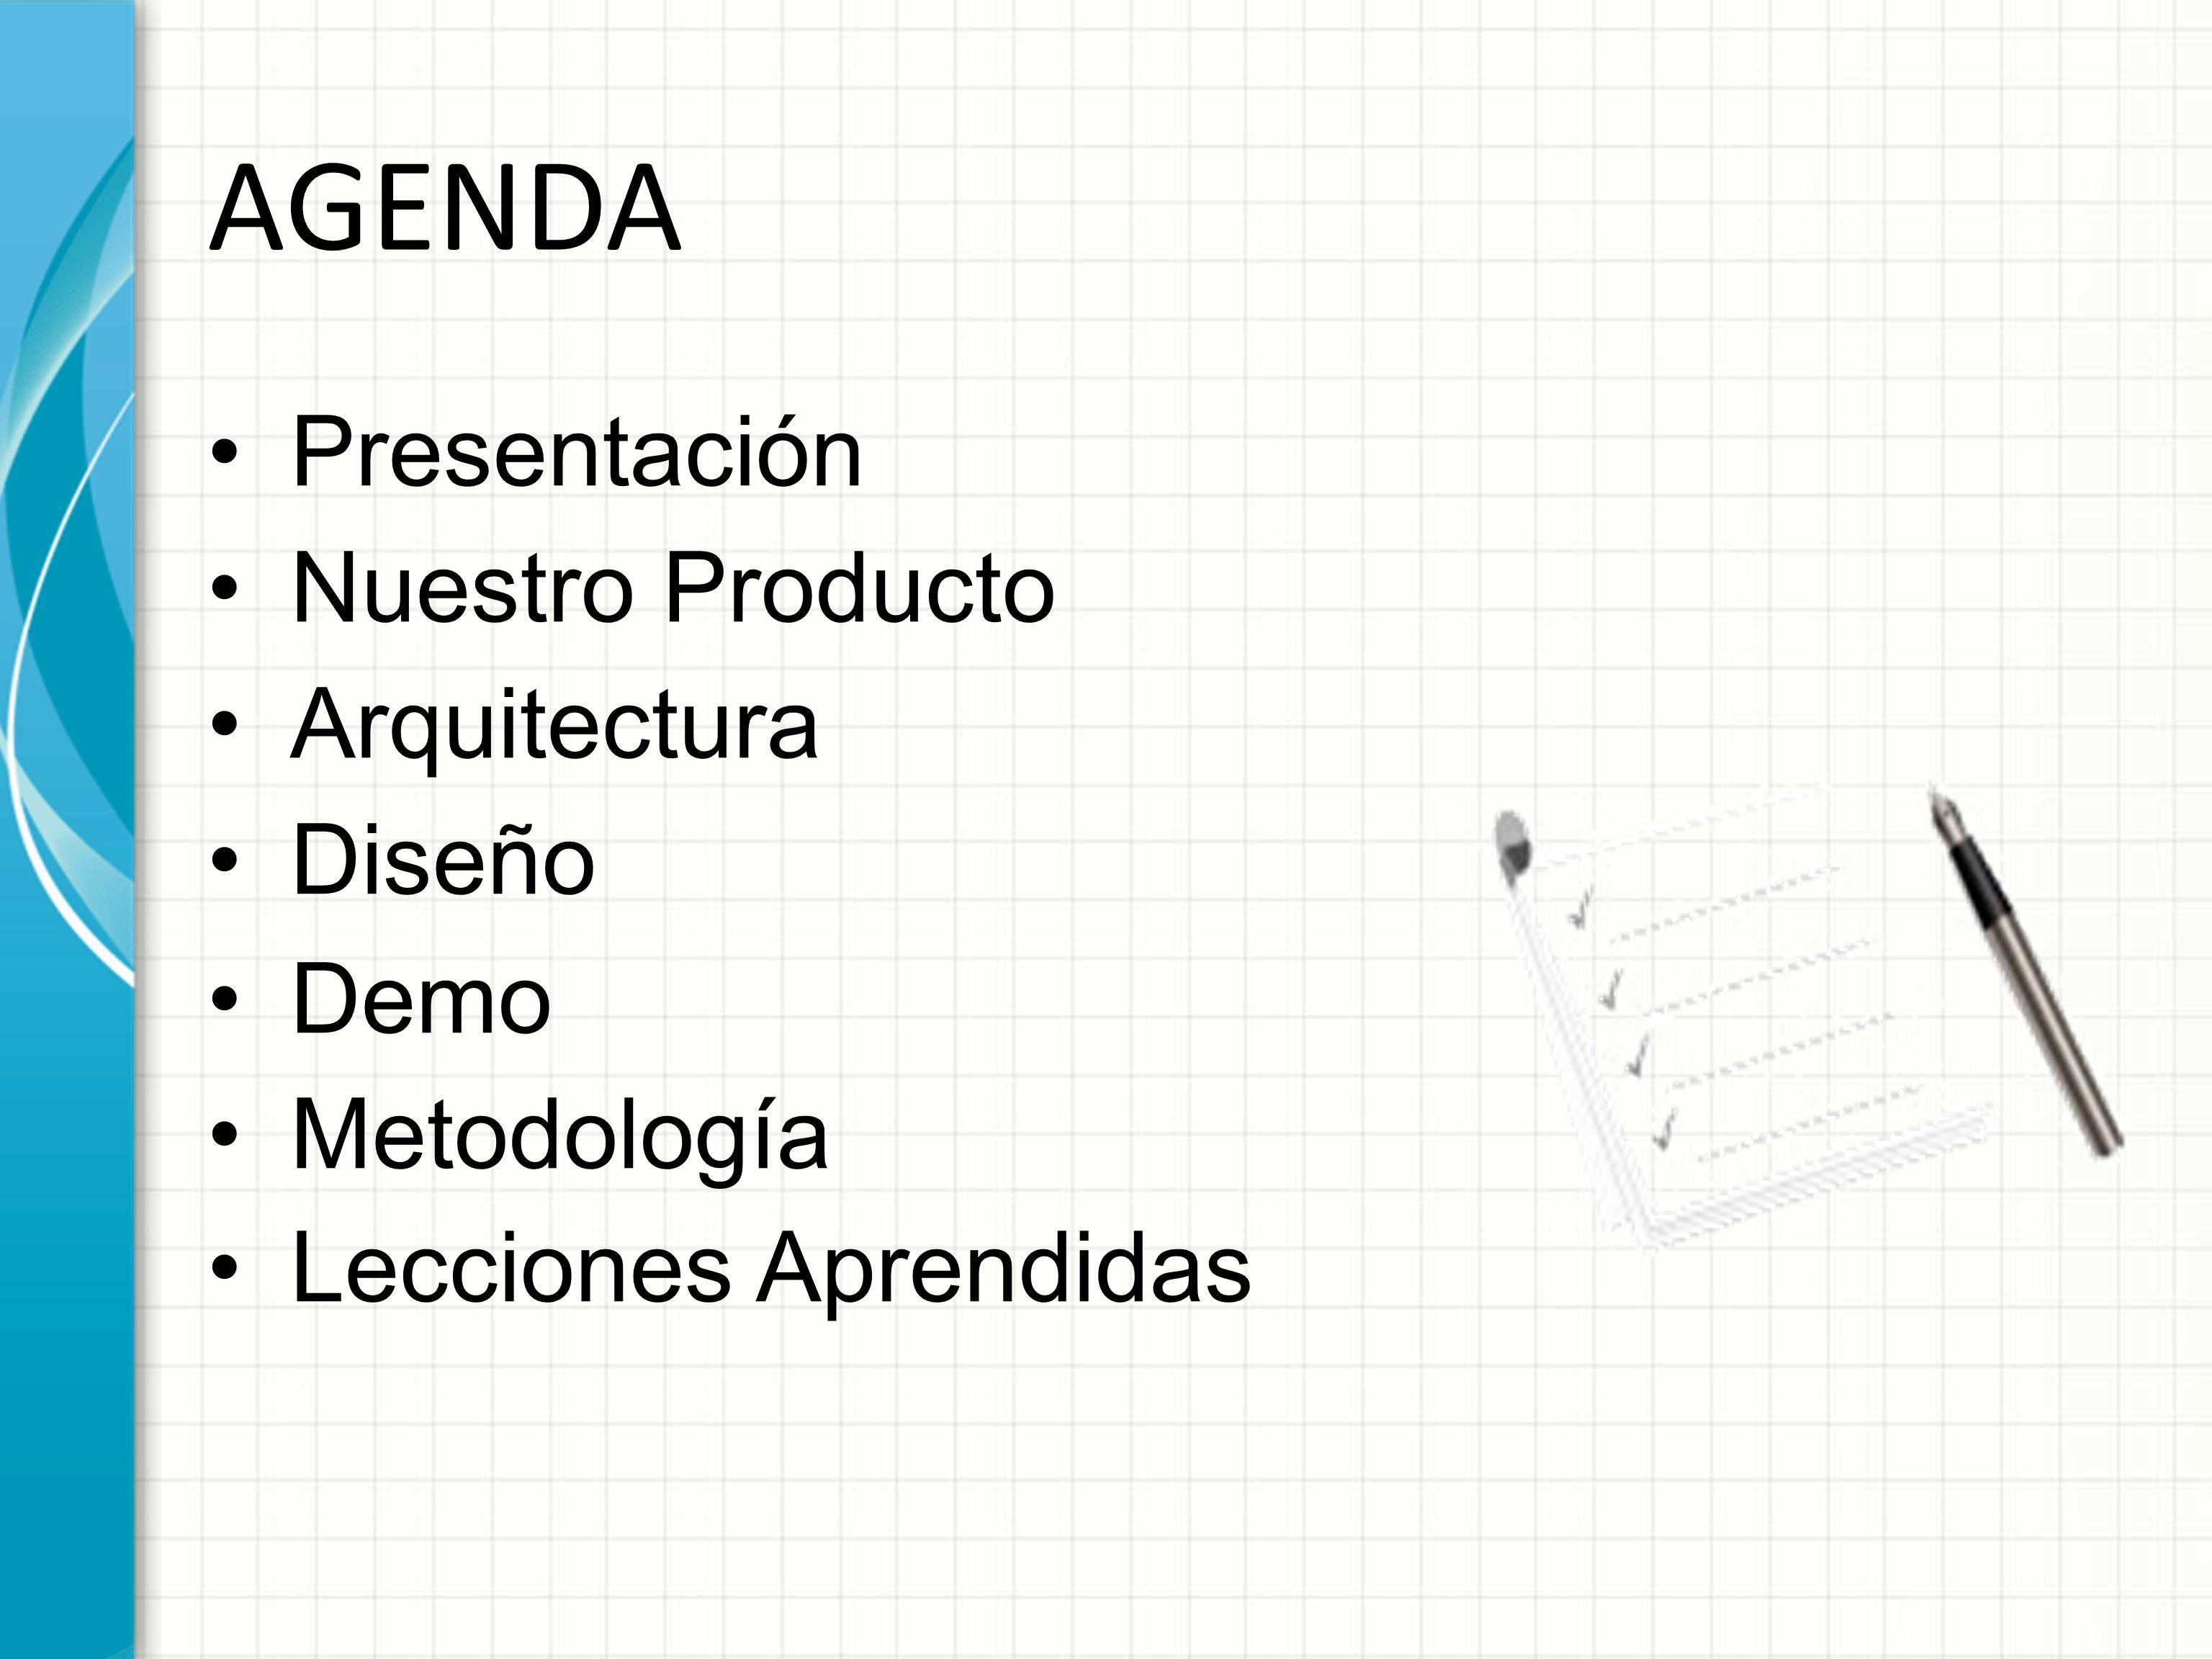 AGENDA Presentación Nuestro Producto Arquitectura Diseño Demo